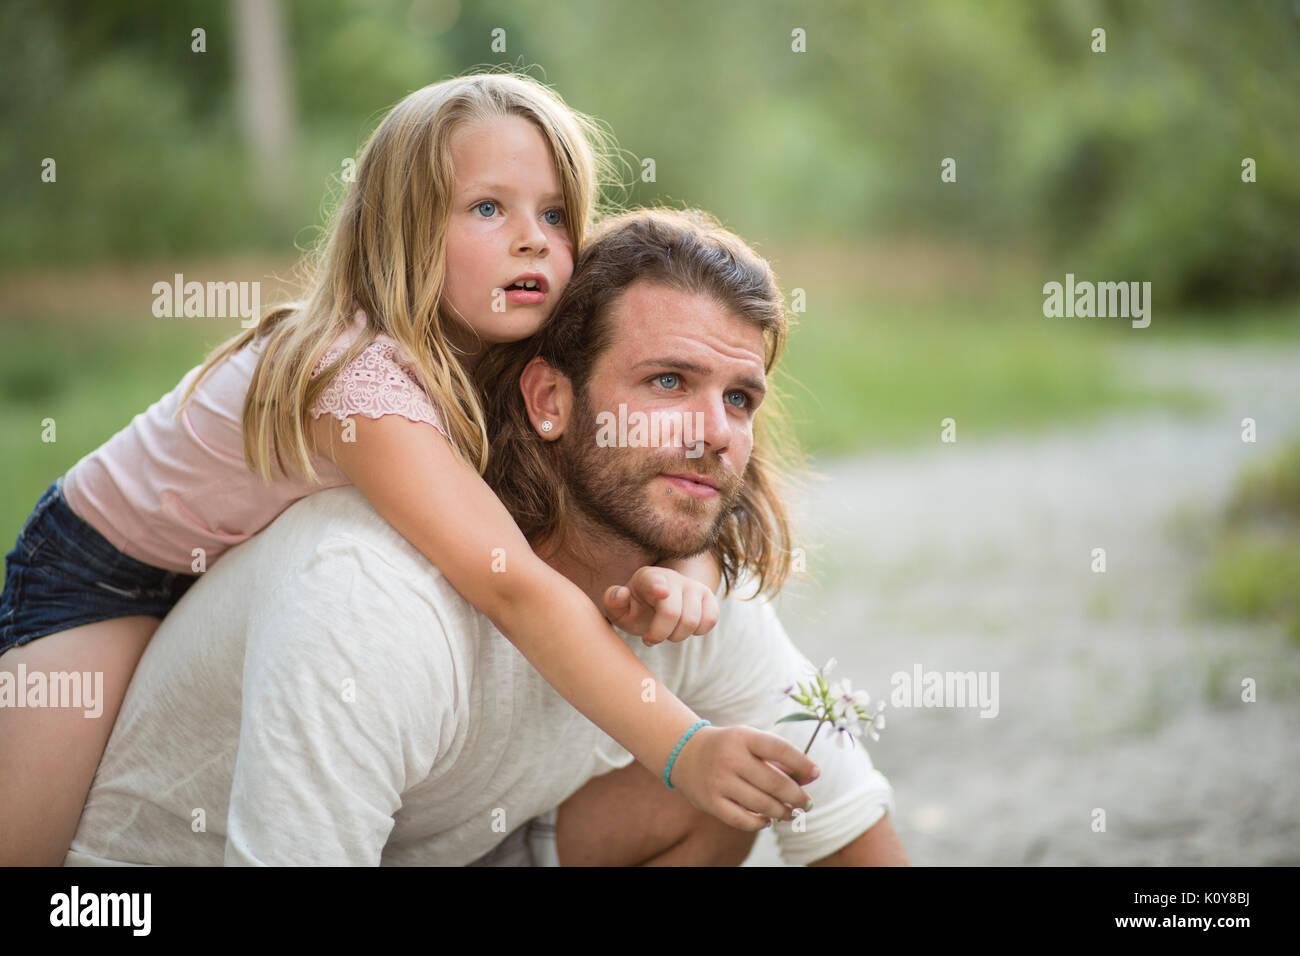 Vater und Tochter zusammen im Wald Stockbild